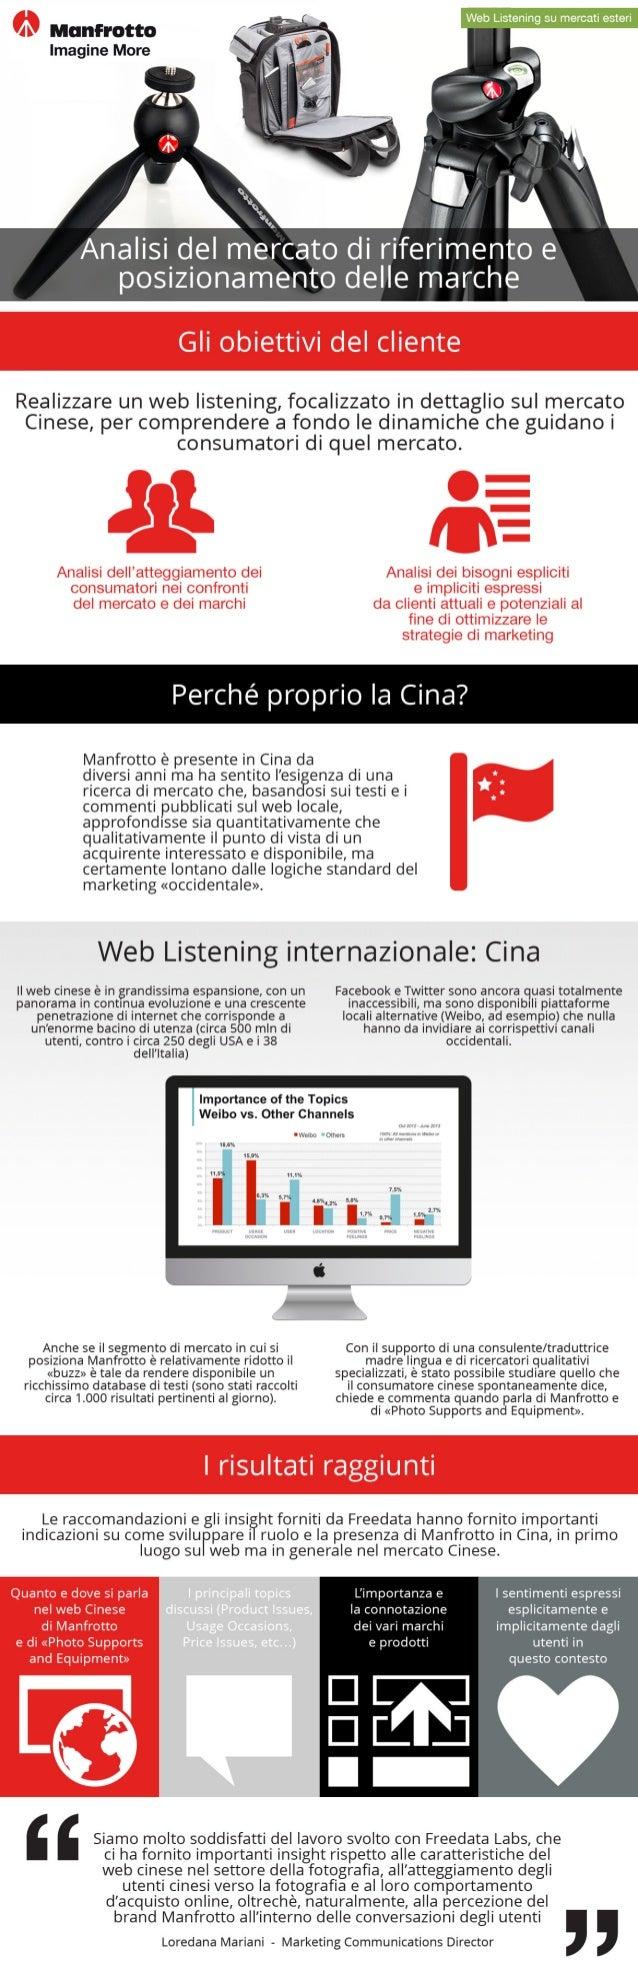 Case History - Manfrotto - Web Listening per comprendere le dinamiche del mercato orientale.